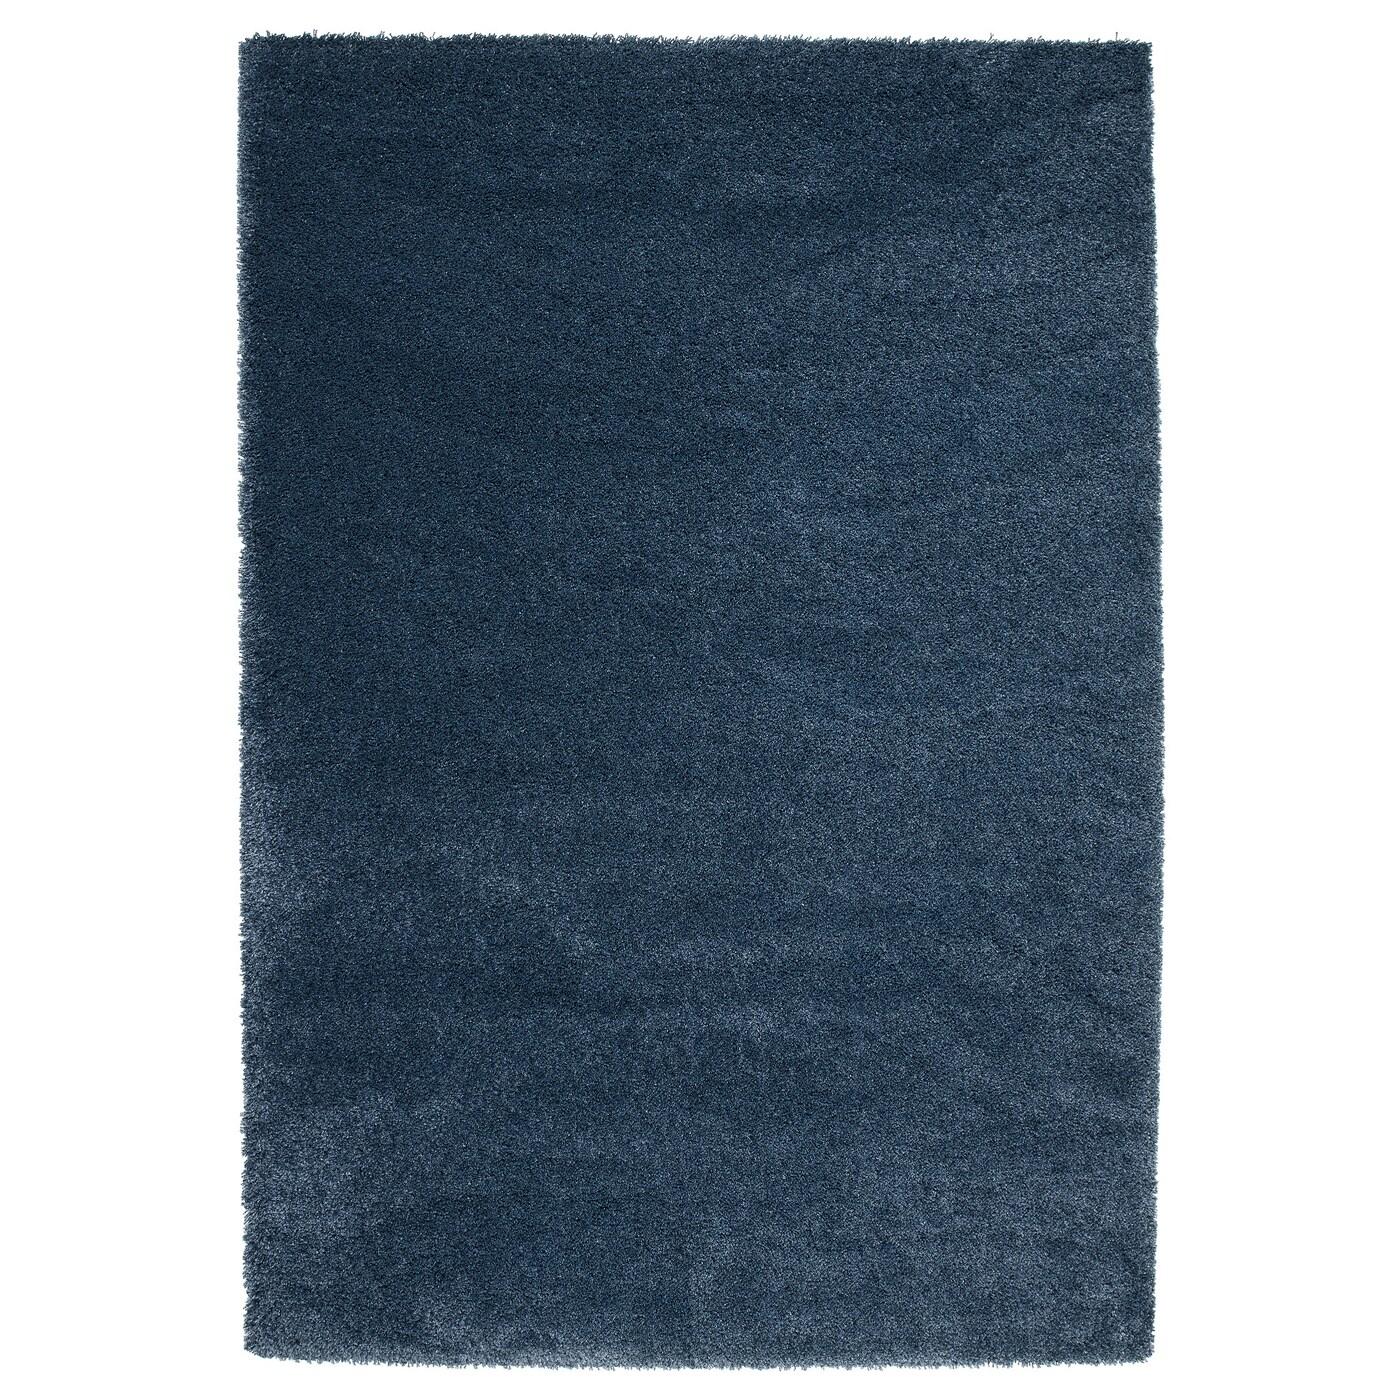 alfombras medianas y grandes | compra online ikea